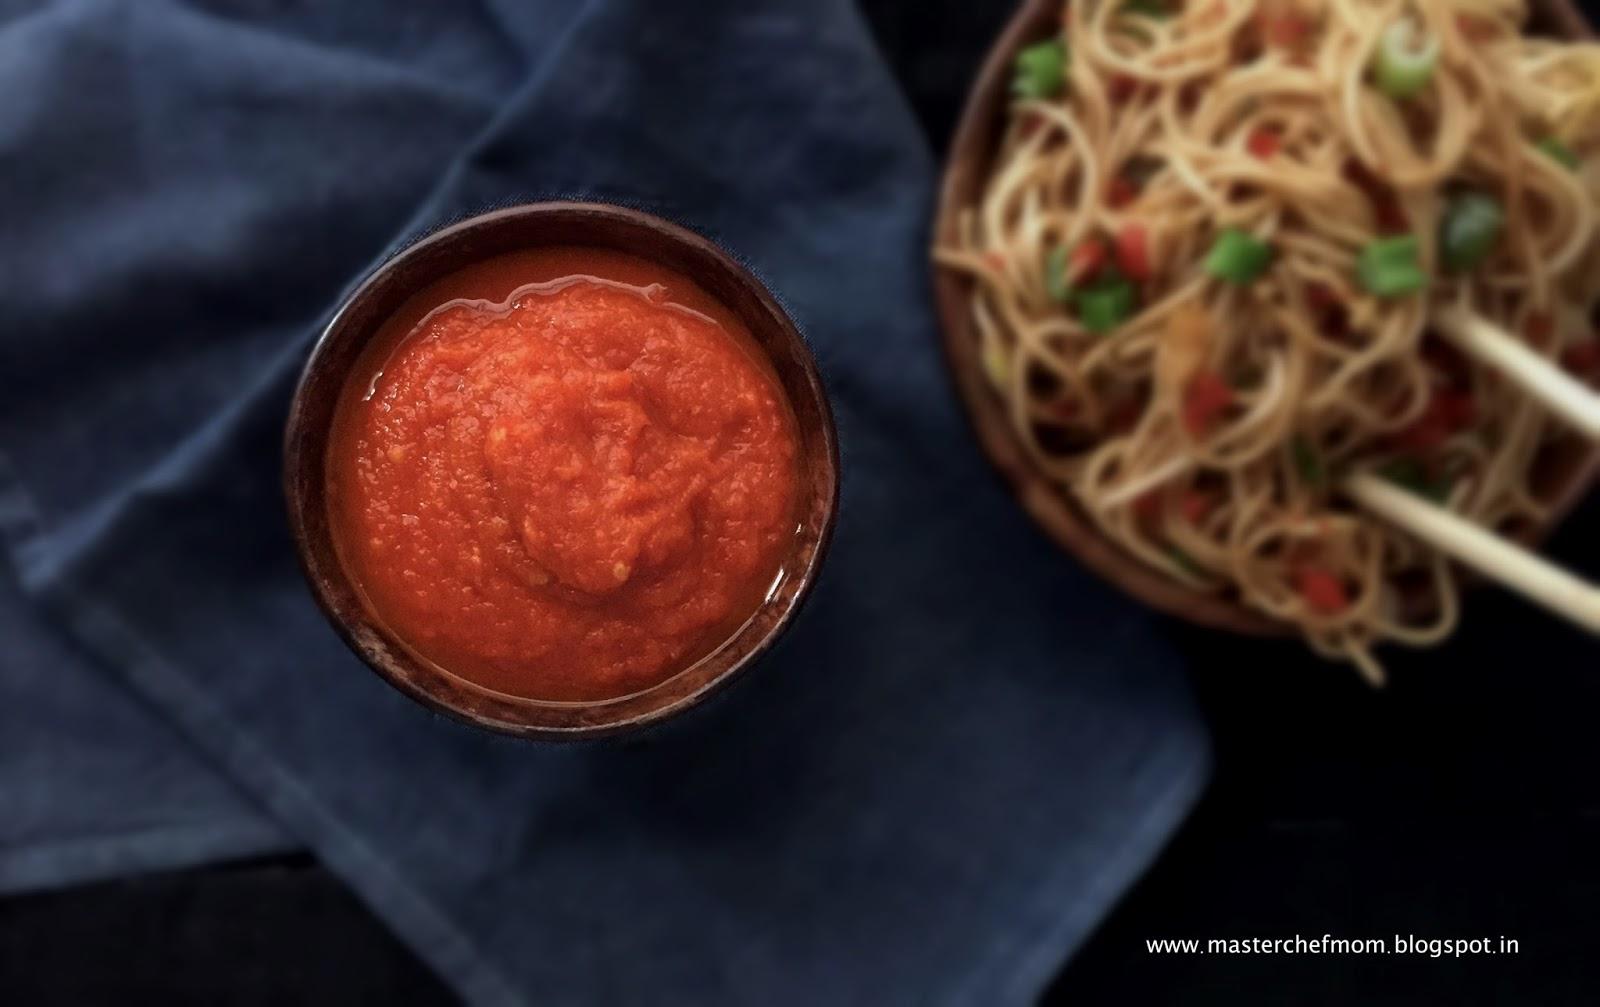 MASTERCHEFMOMSchezwan Sauce |How to make Schezwan Sauce at home